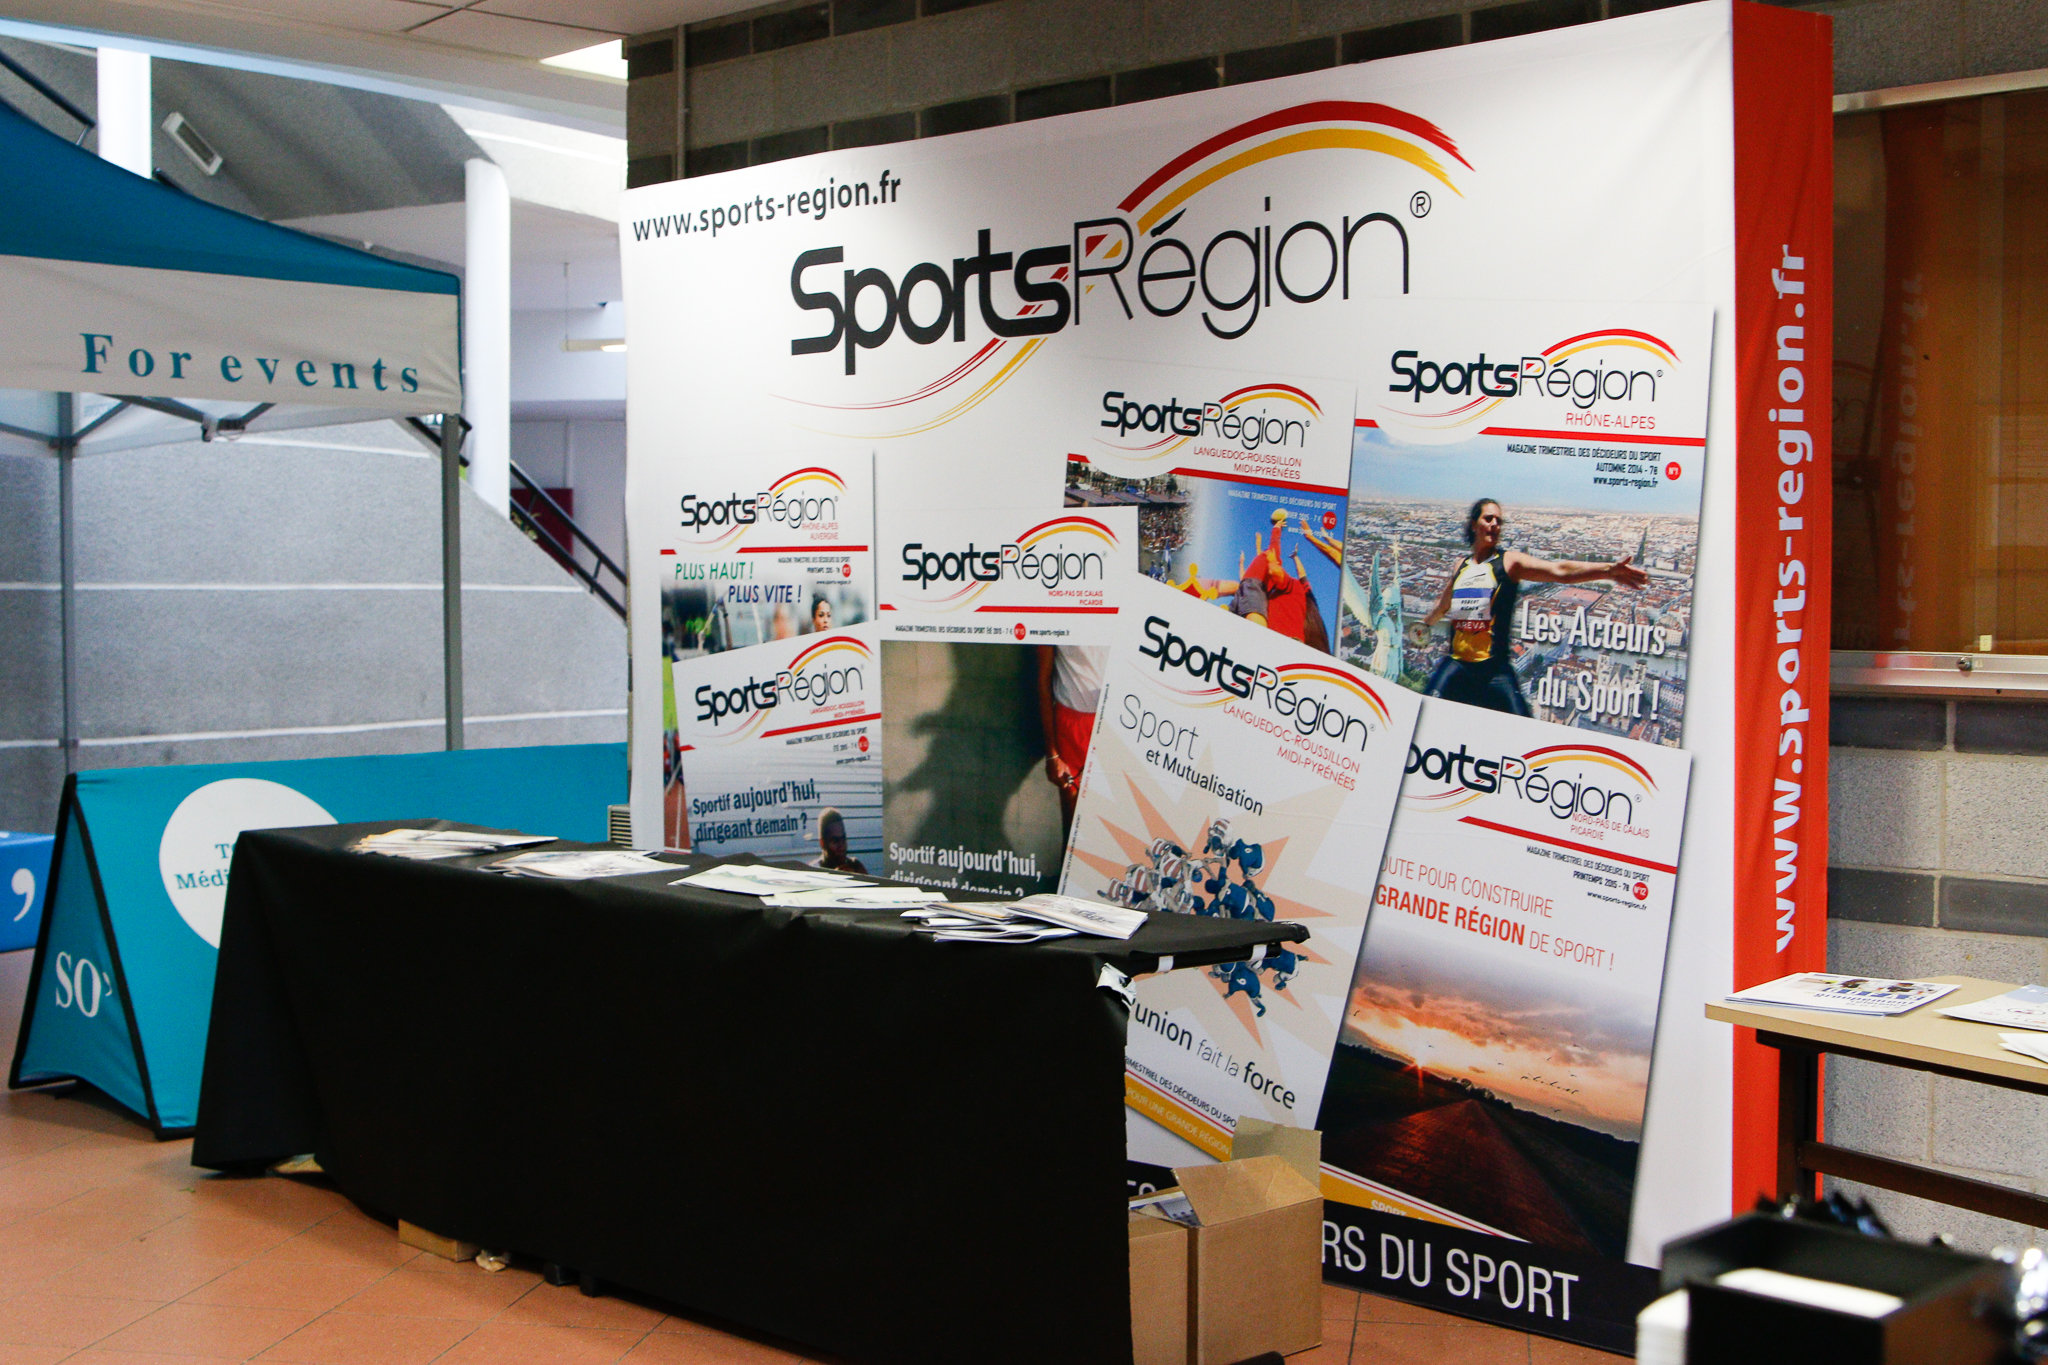 Les Magazines Sports Région lors des XVième Rencontres Nationales du Sport et des Collectivités